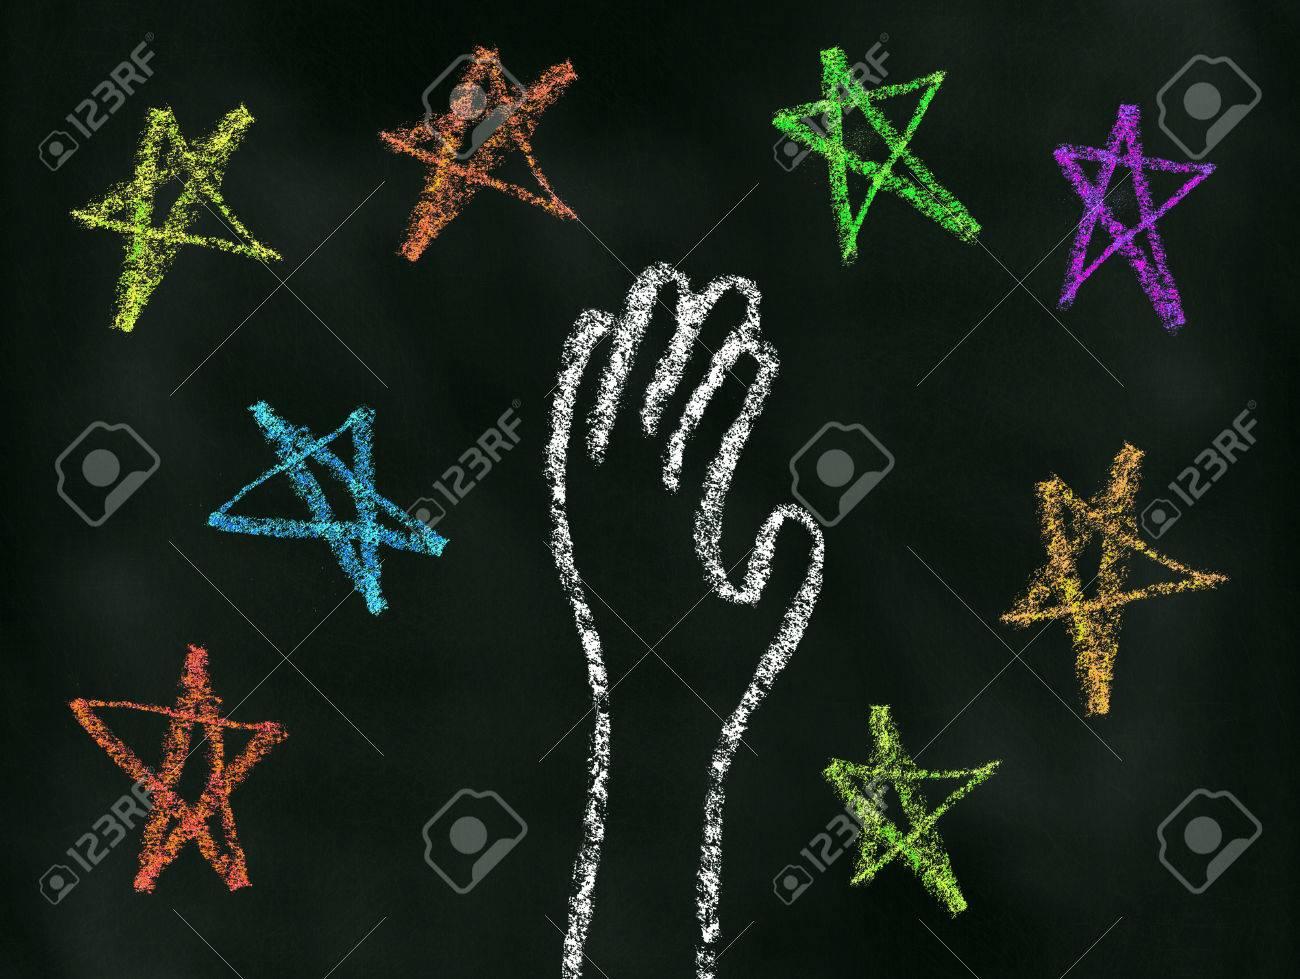 黒板の星イラストに手を伸ばす手 の写真素材画像素材 Image 53891793